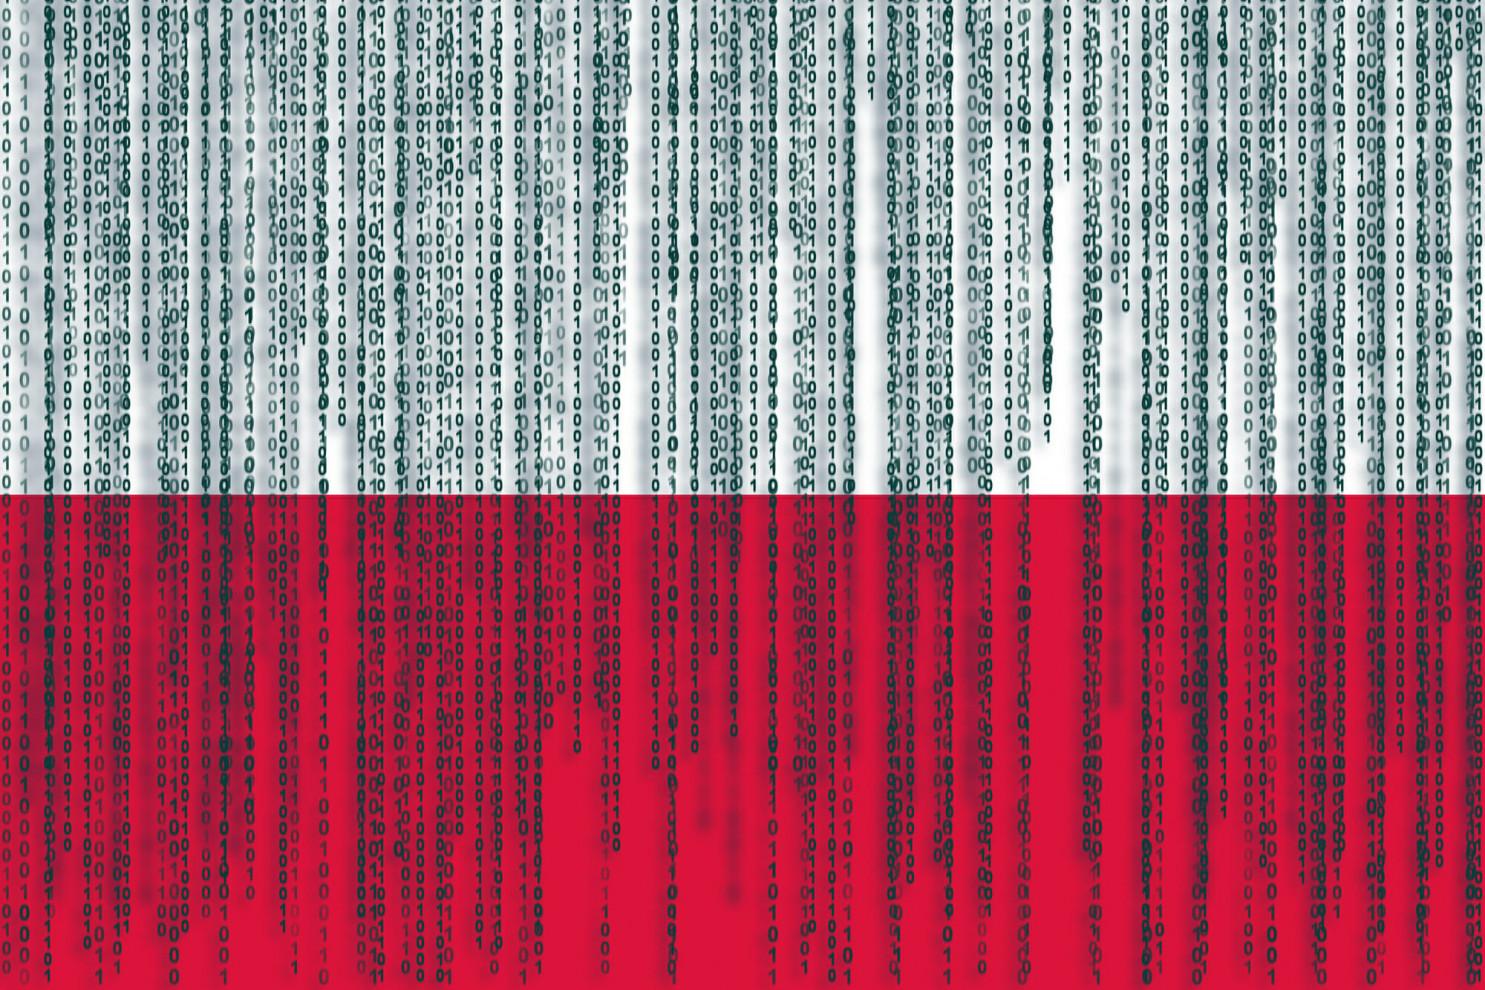 Data protection Poland flag. Poland flag with binary code.